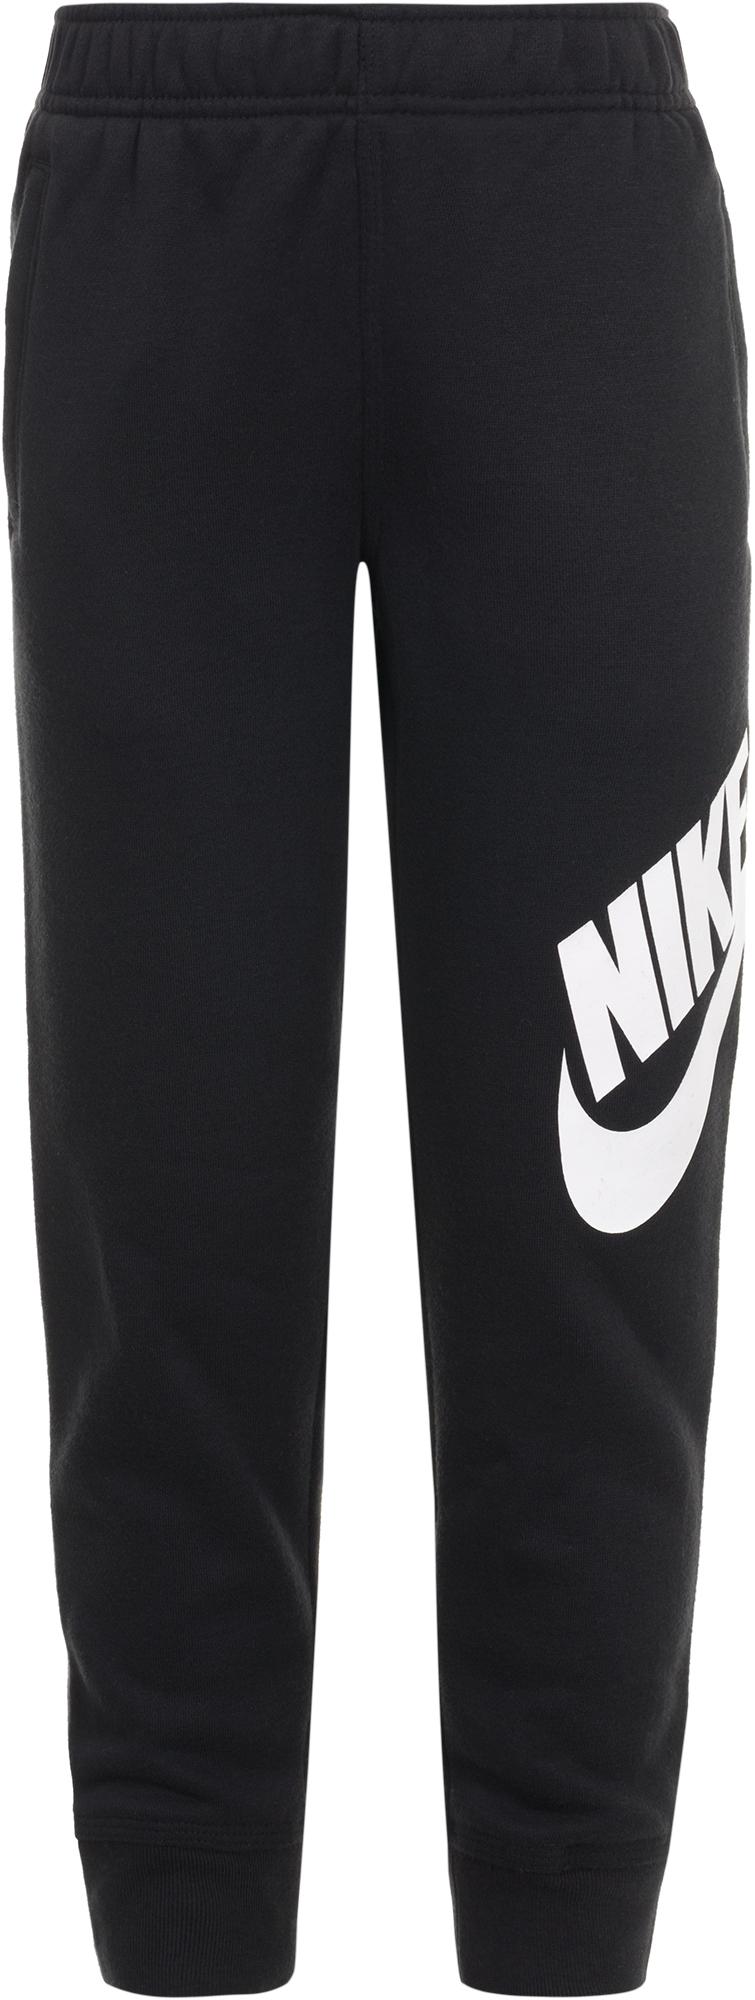 Nike Брюки для мальчиков Futura Cuff, размер 122